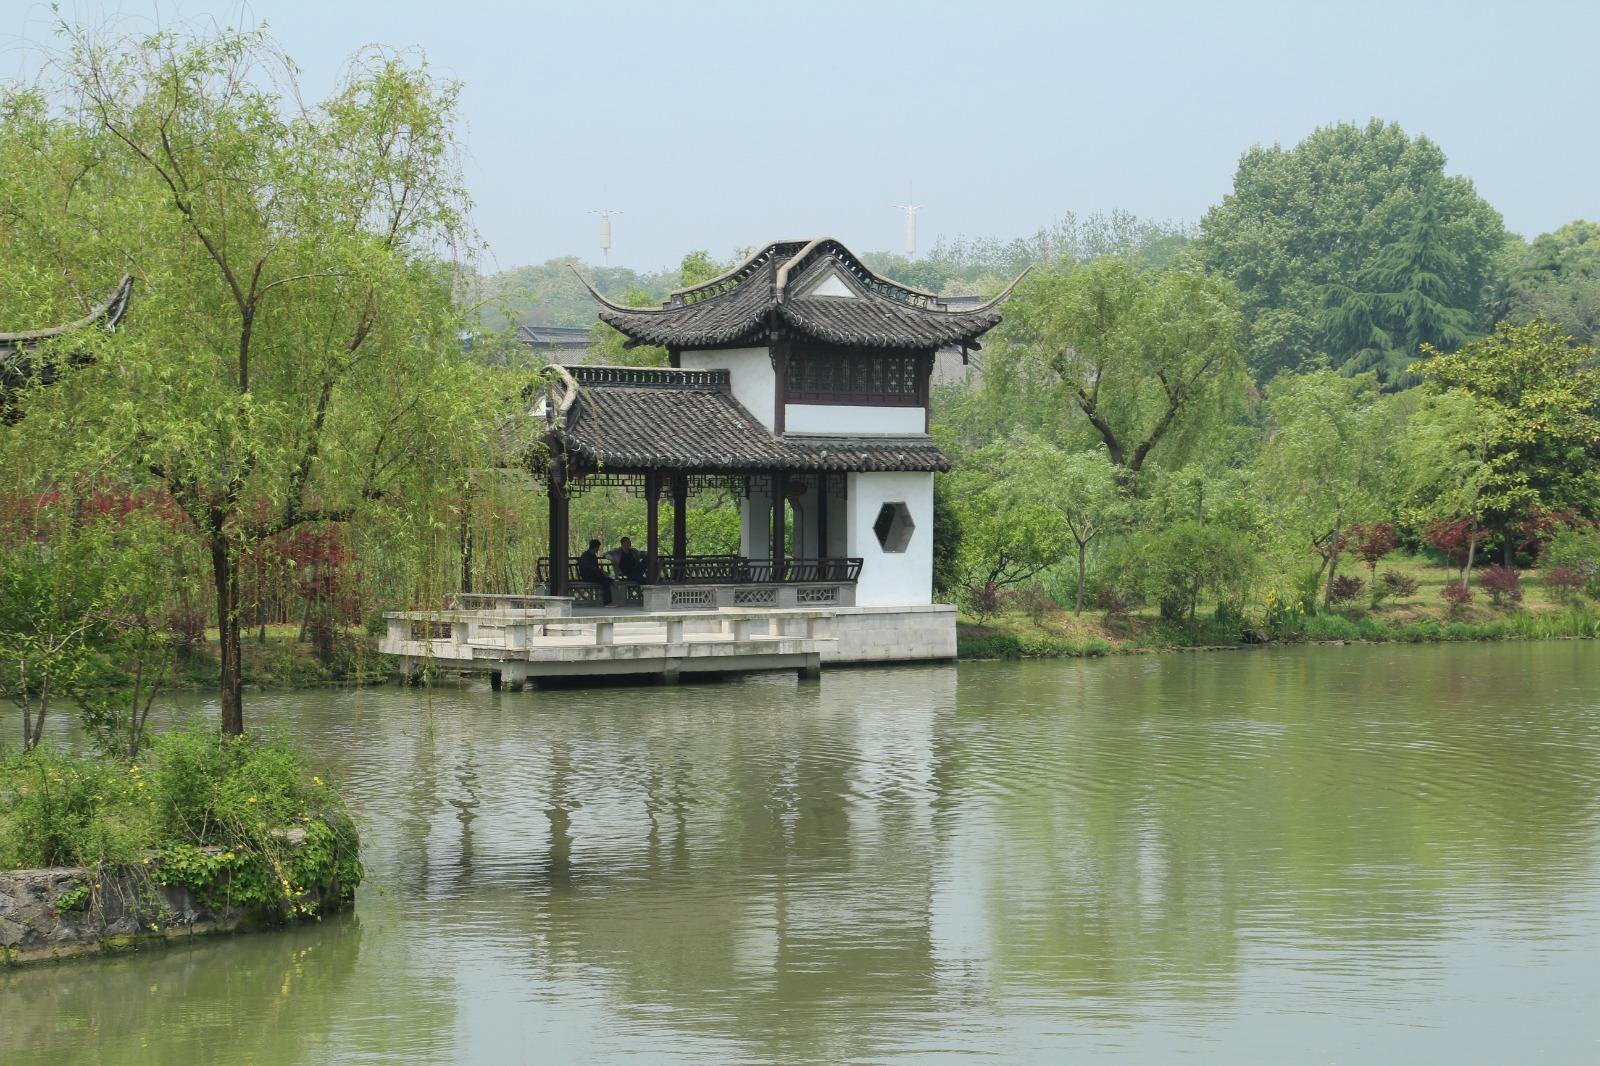 扬州一日游_扬州v攻略攻略_自助游攻略_去哪儿颐和园住宿攻略图片